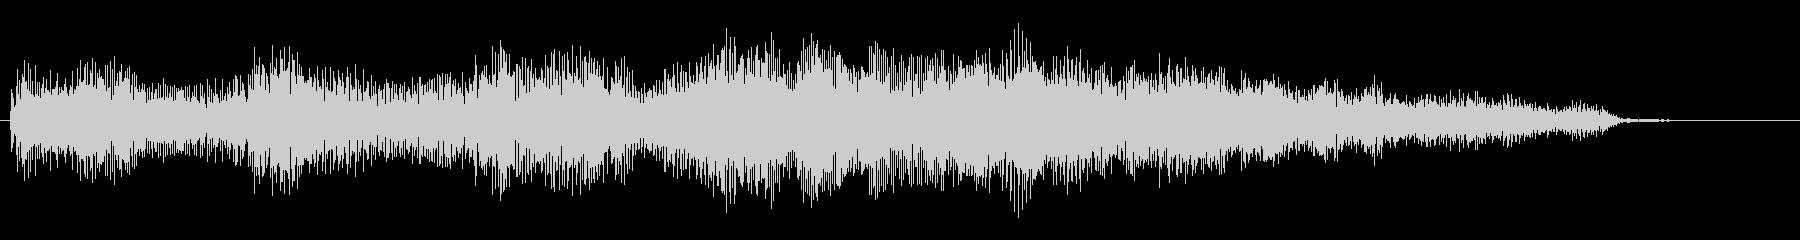 ローズピアノのキラキラしたジングル_5秒の未再生の波形